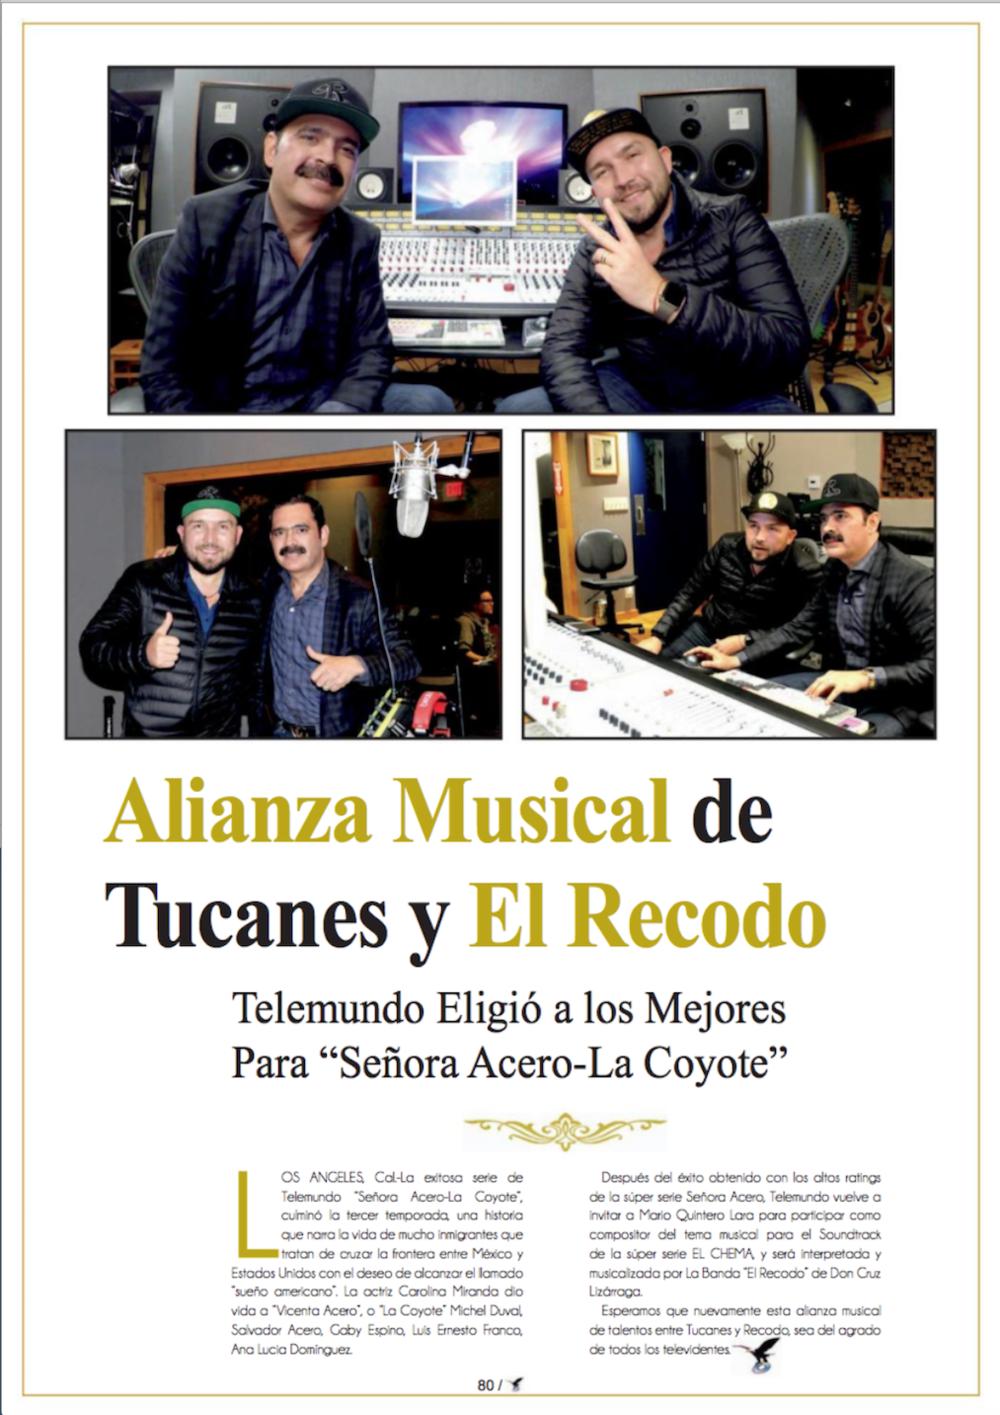 Triunfo-Mario Quintero & Poncho Lizarraga-.png